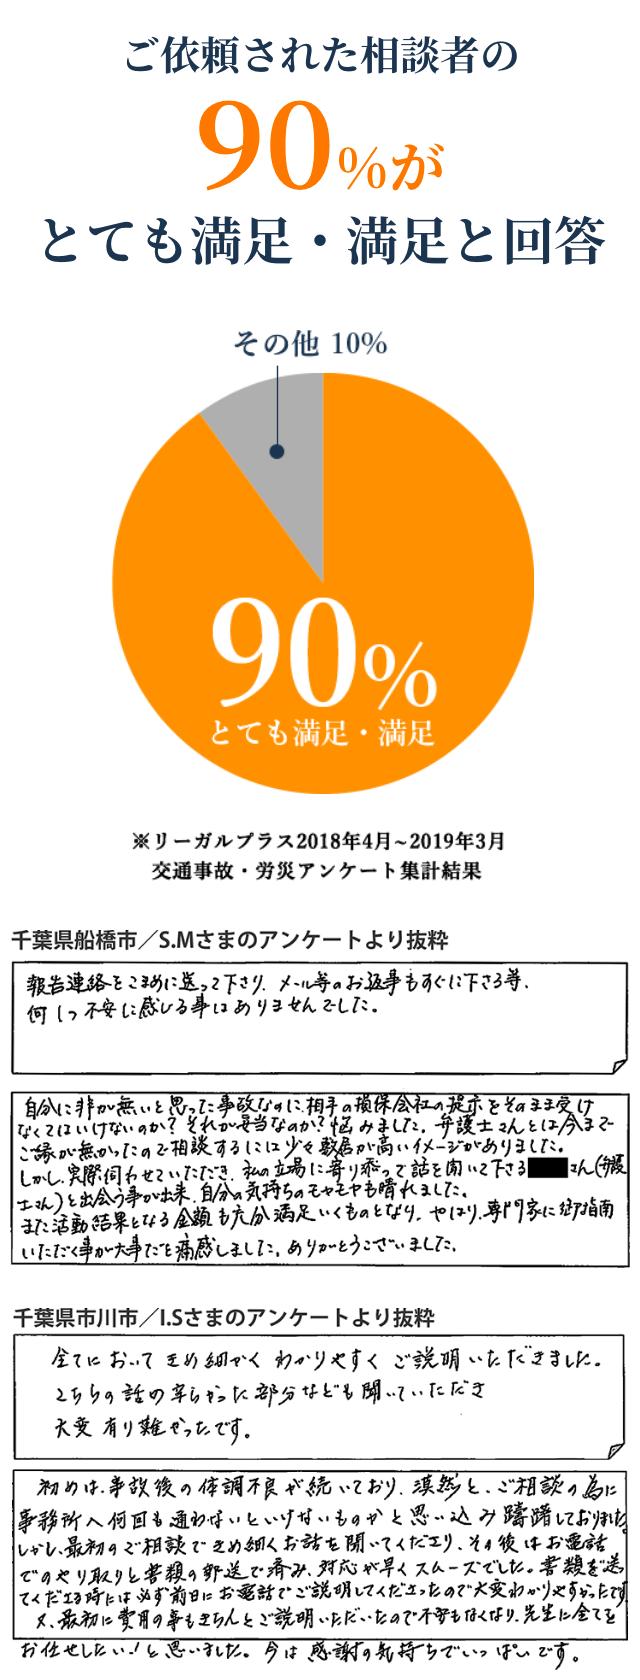 ご依頼された相談者の90%がとても満足・満足と回答